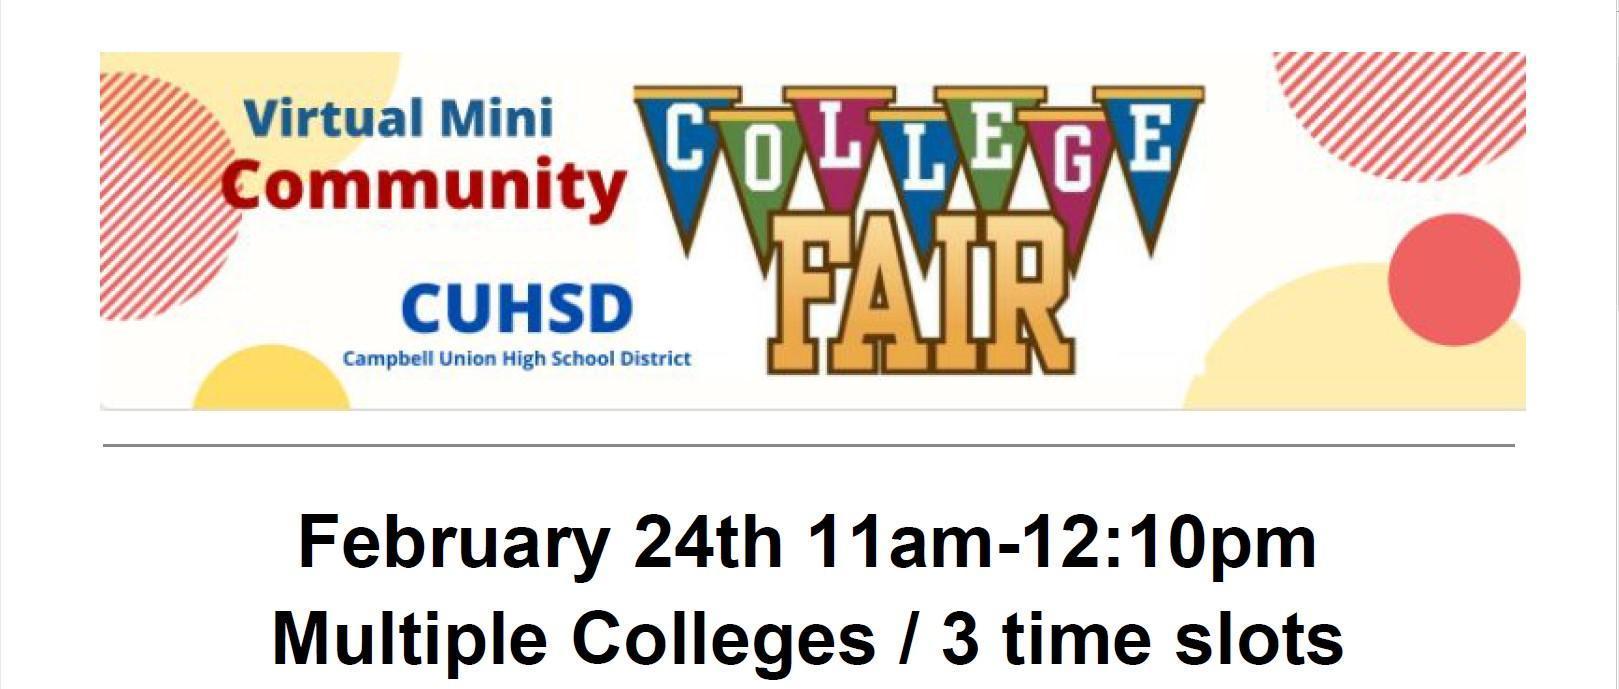 Community College Fair